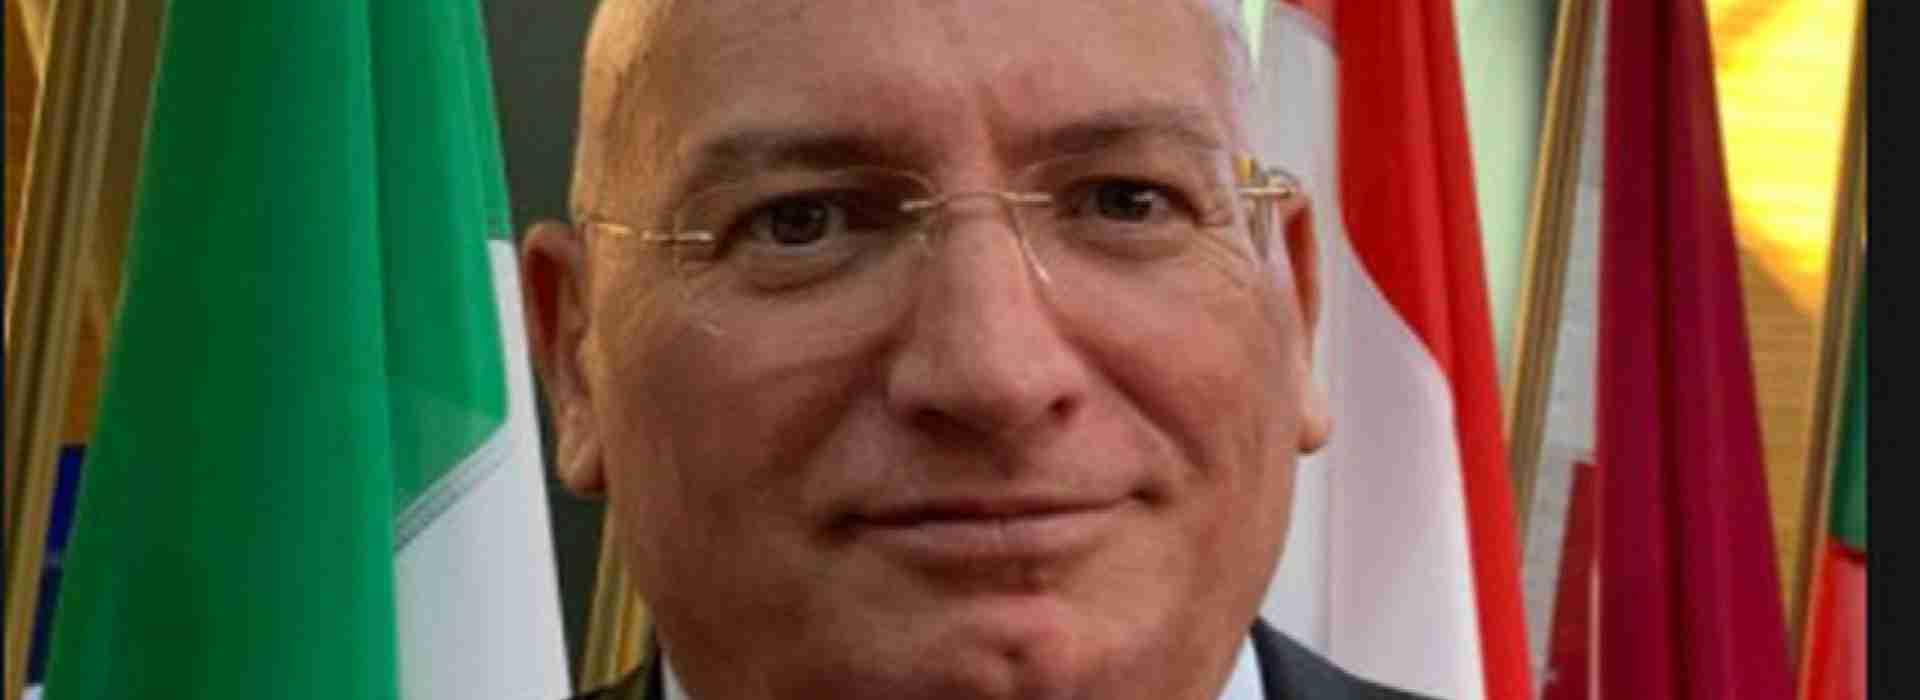 Voto di scambio: due arresti. Tra gli indagati Matteo Adinolfi, l'europarlamentare della Lega